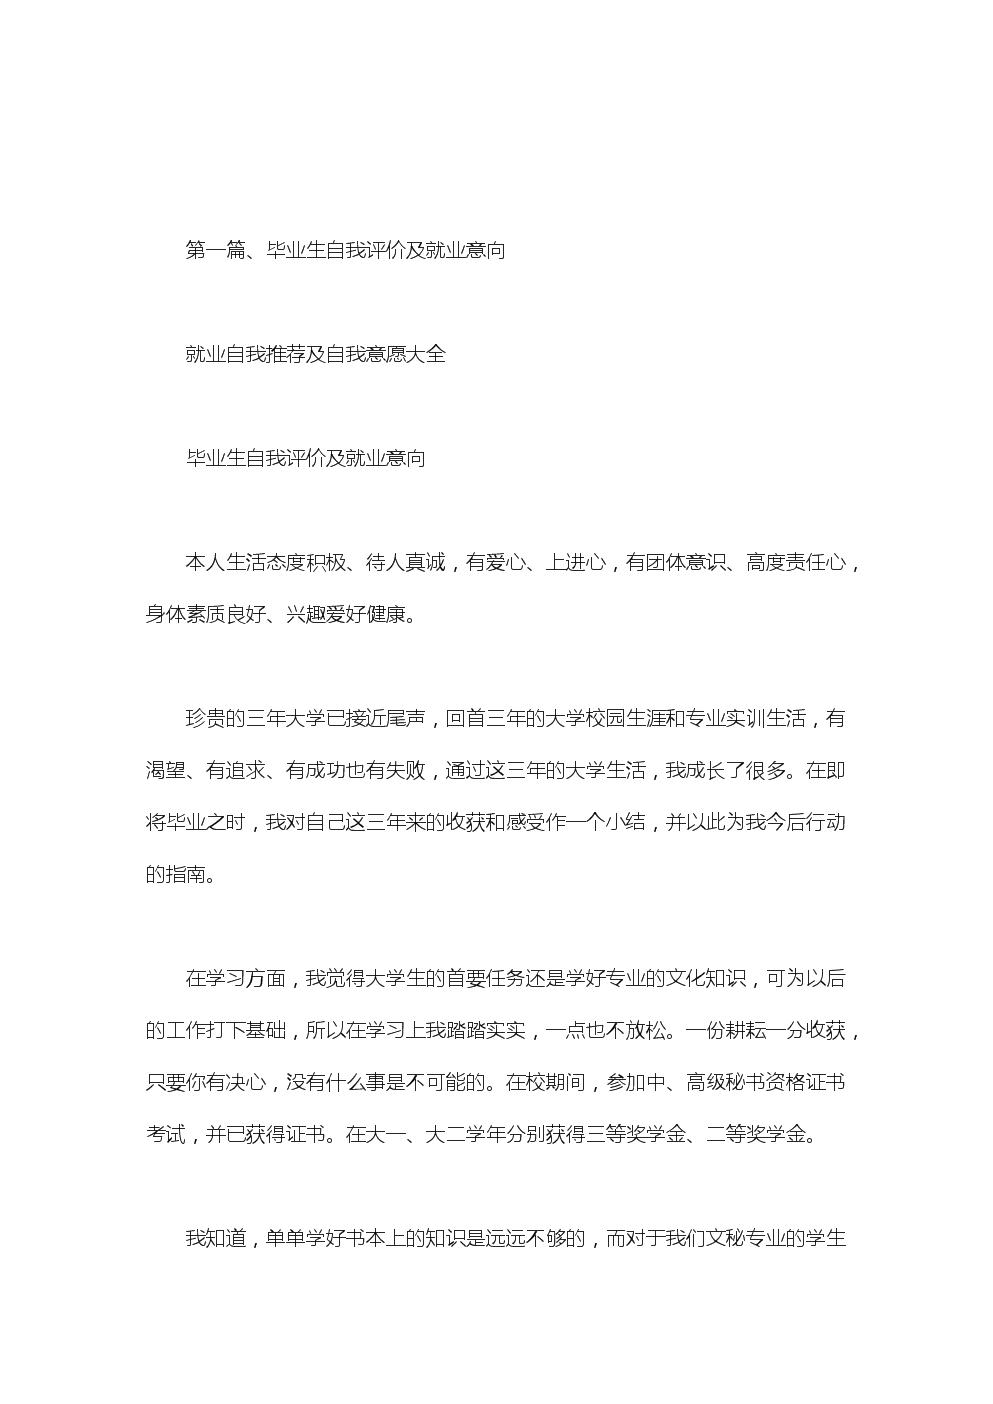 就业自我推荐及自我意愿大全.doc